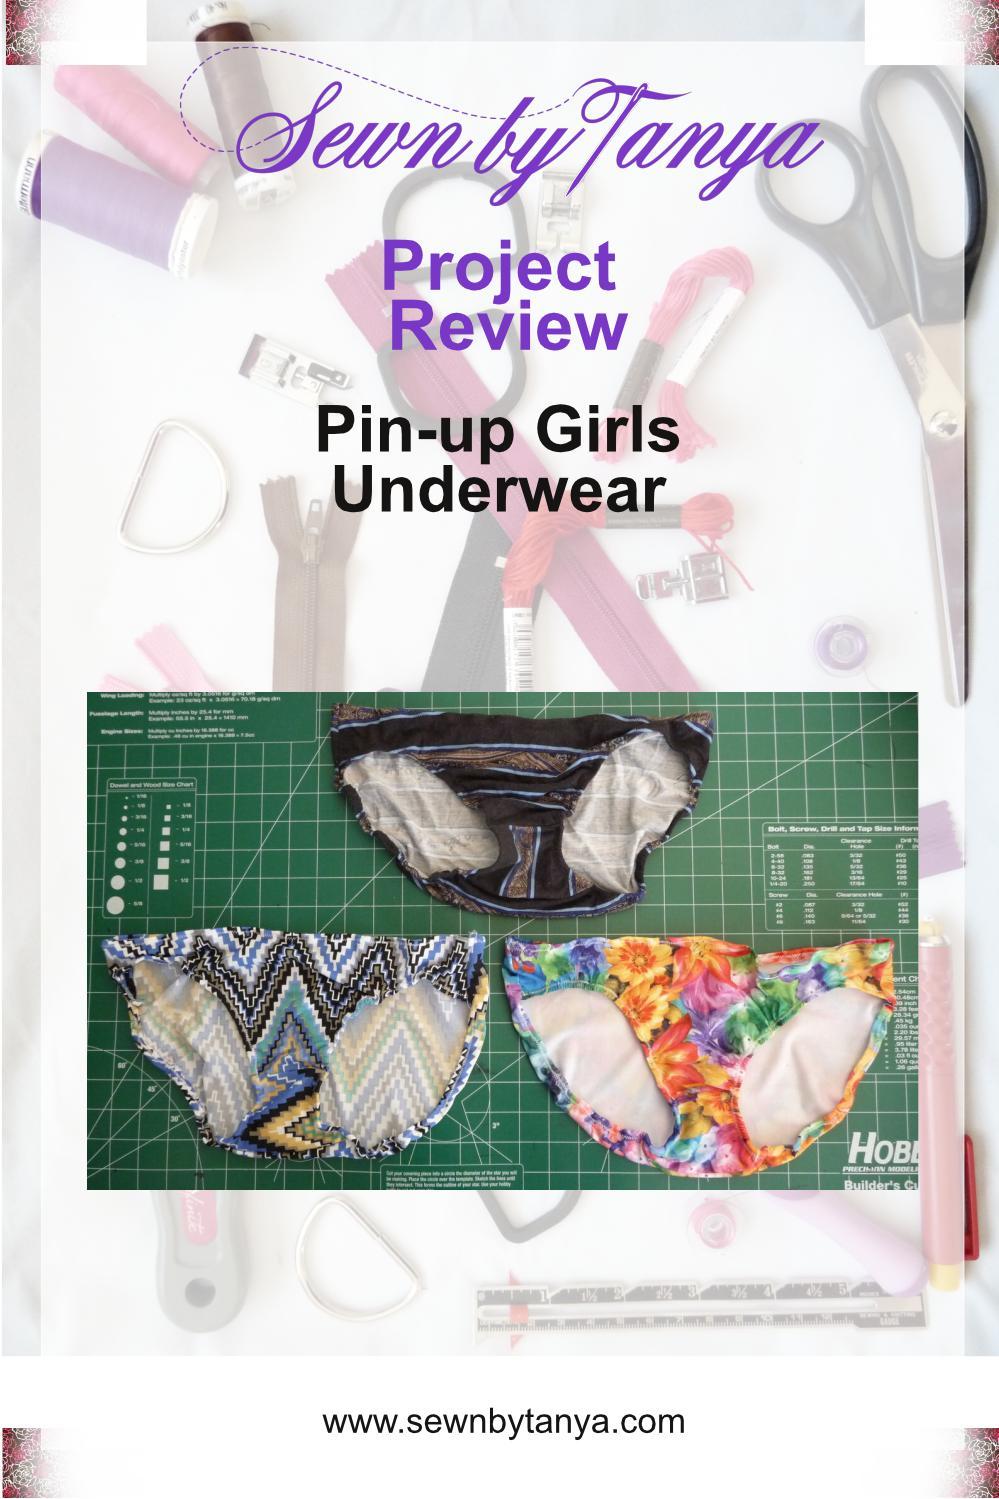 Black stripped panties, multic-lored zigzag panties & floral panties on a green background